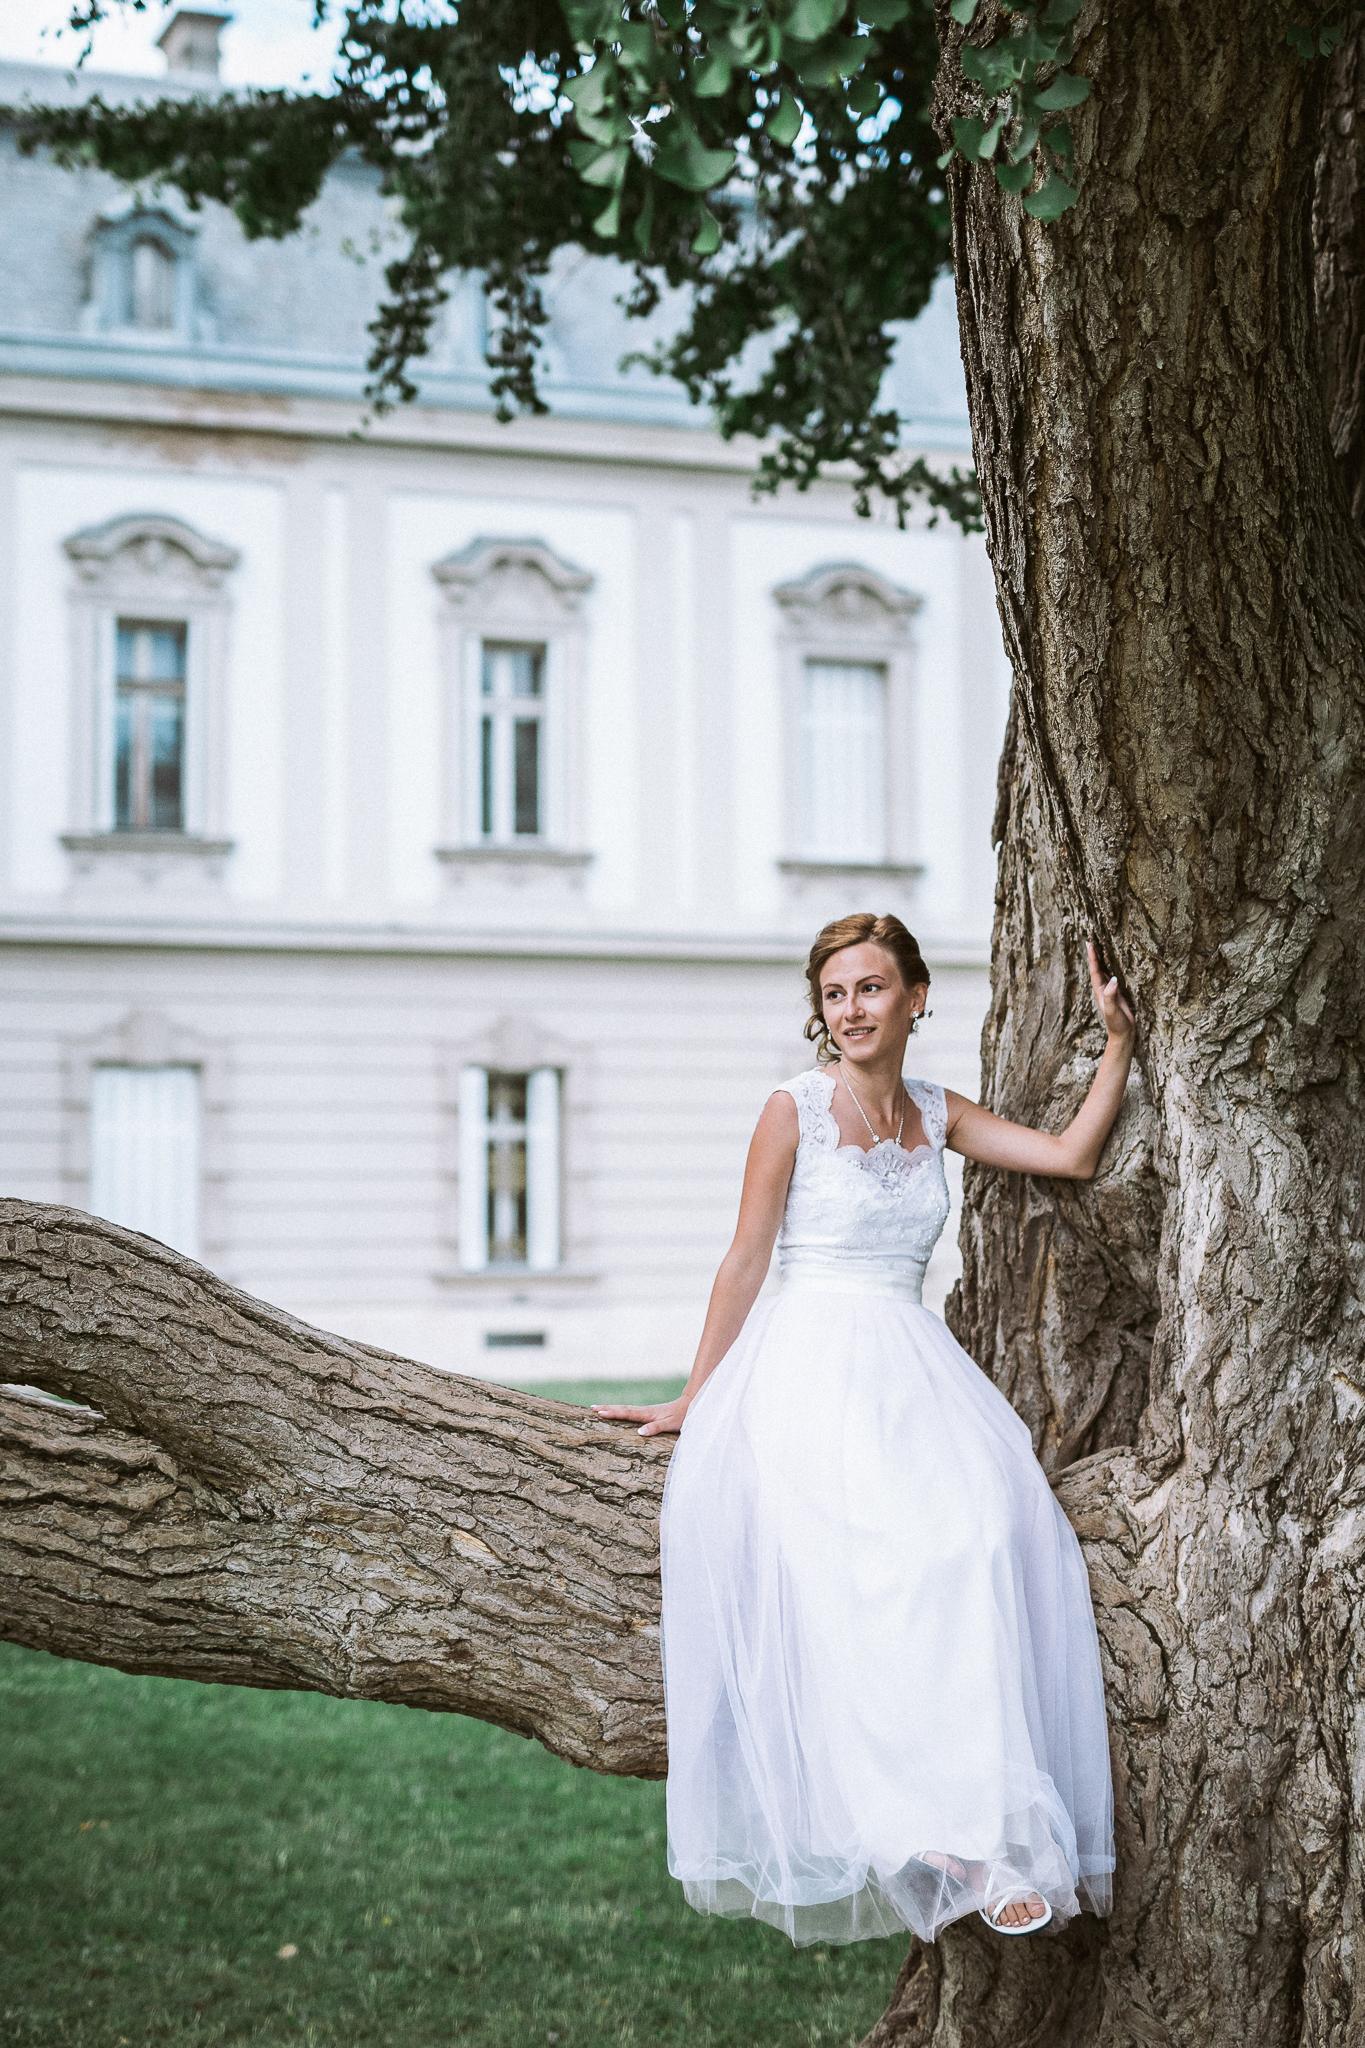 FylepPhoto, esküvőfotós, esküvői fotós Körmend, Szombathely, esküvőfotózás, magyarország, vas megye, prémium, jegyesfotózás, Fülöp Péter, körmend, kreatív, fotográfus_07-2.jpg